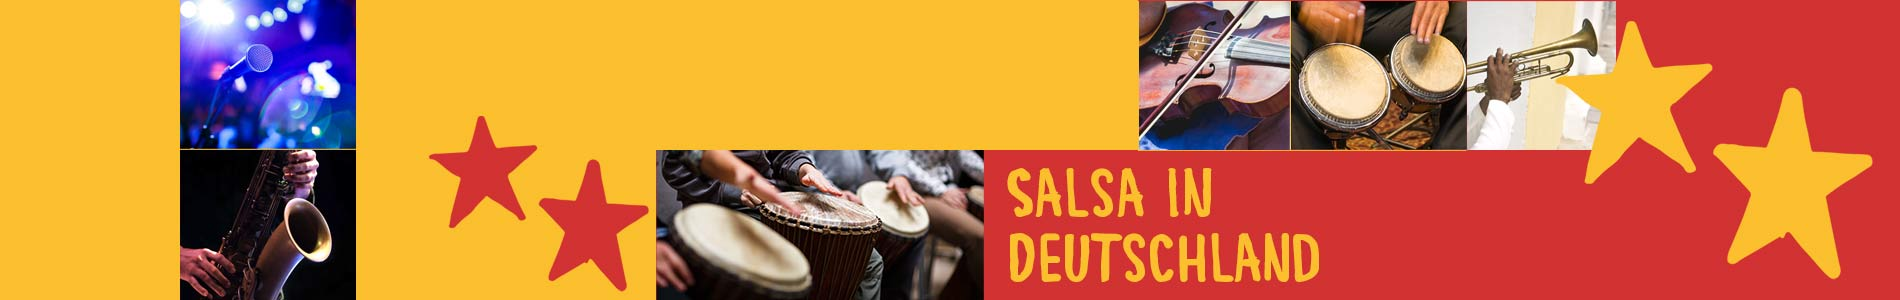 Salsa in Delingsdorf – Salsa lernen und tanzen, Tanzkurse, Partys, Veranstaltungen